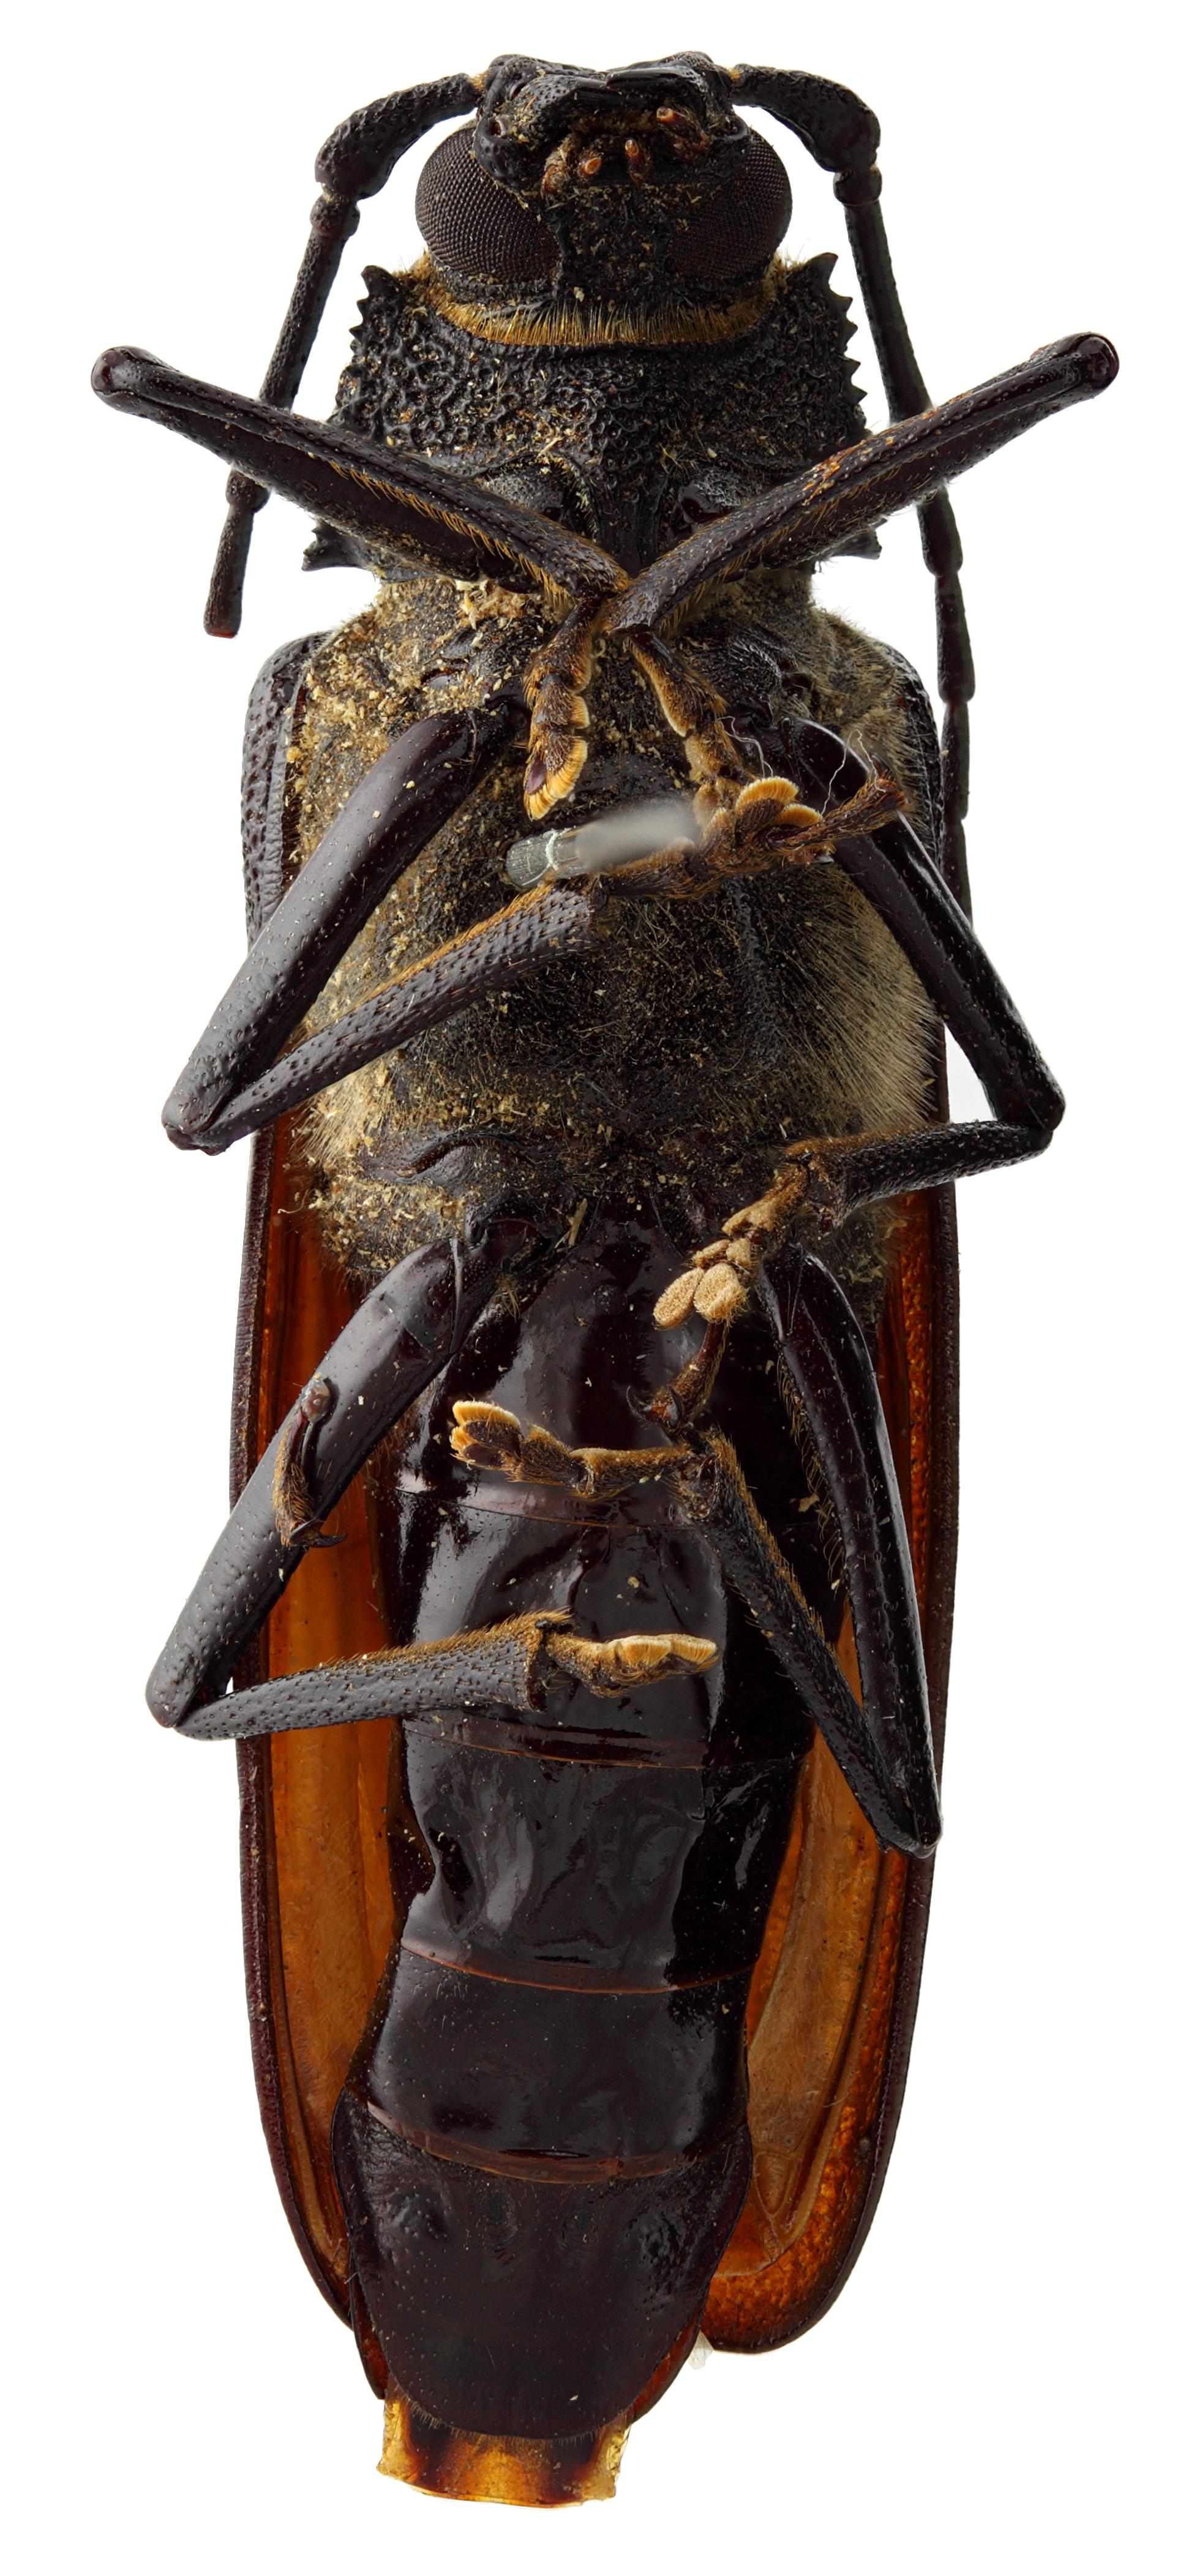 Macrotoma cariosa 04 SP PAR F 036 BRUS 201405.JPG